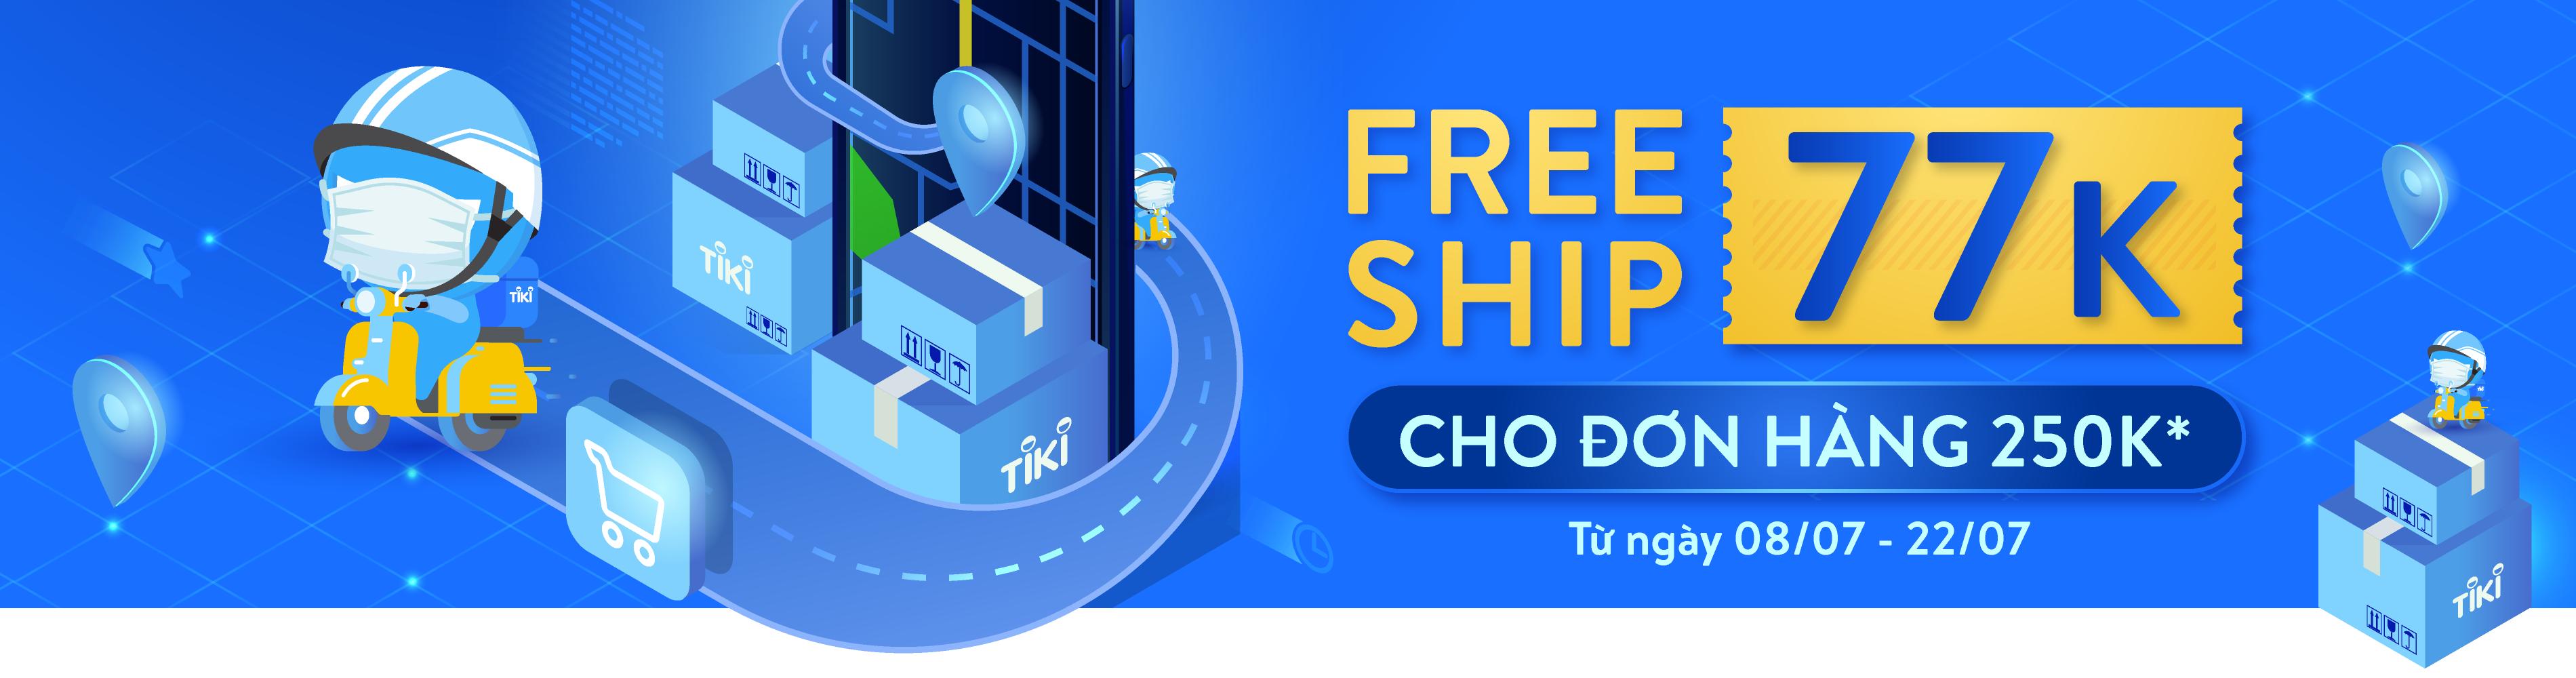 Free Ship Giảm Tới 77k Cho đơn Hang Từ 250k Tiki Vn